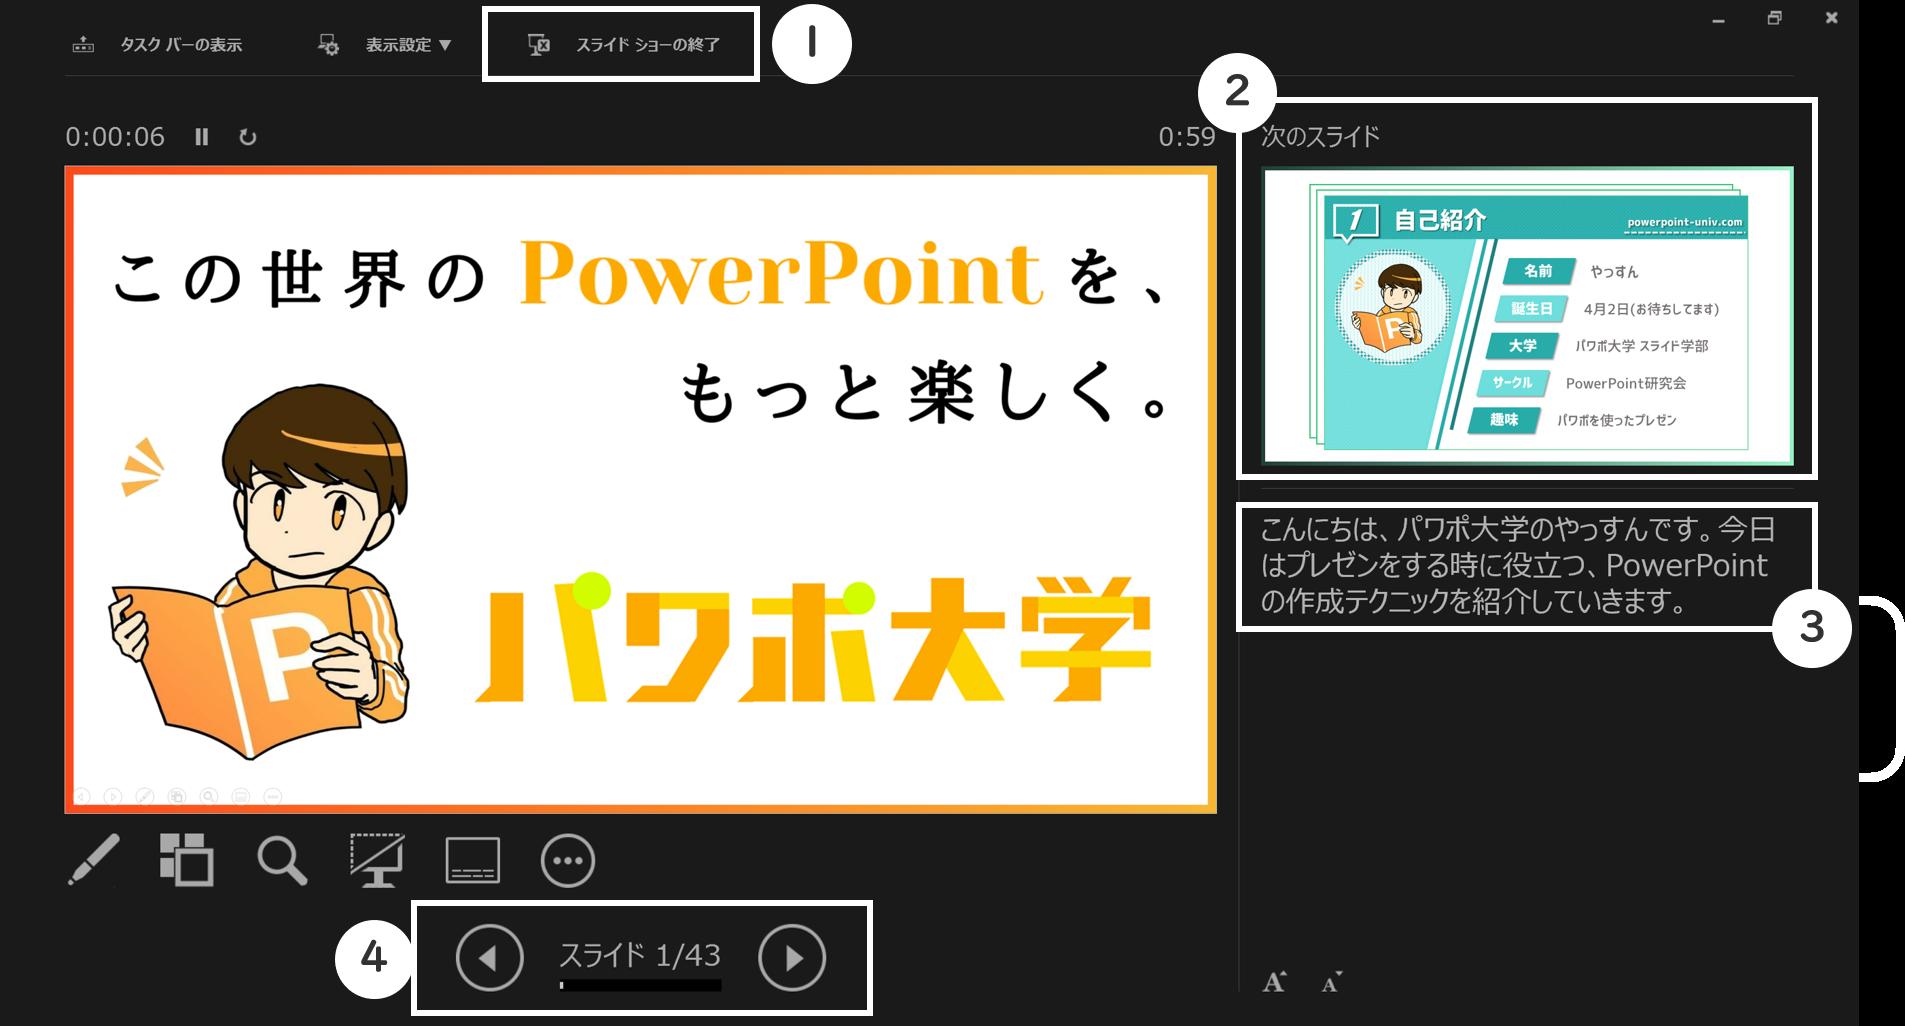 発表者ツールの画面